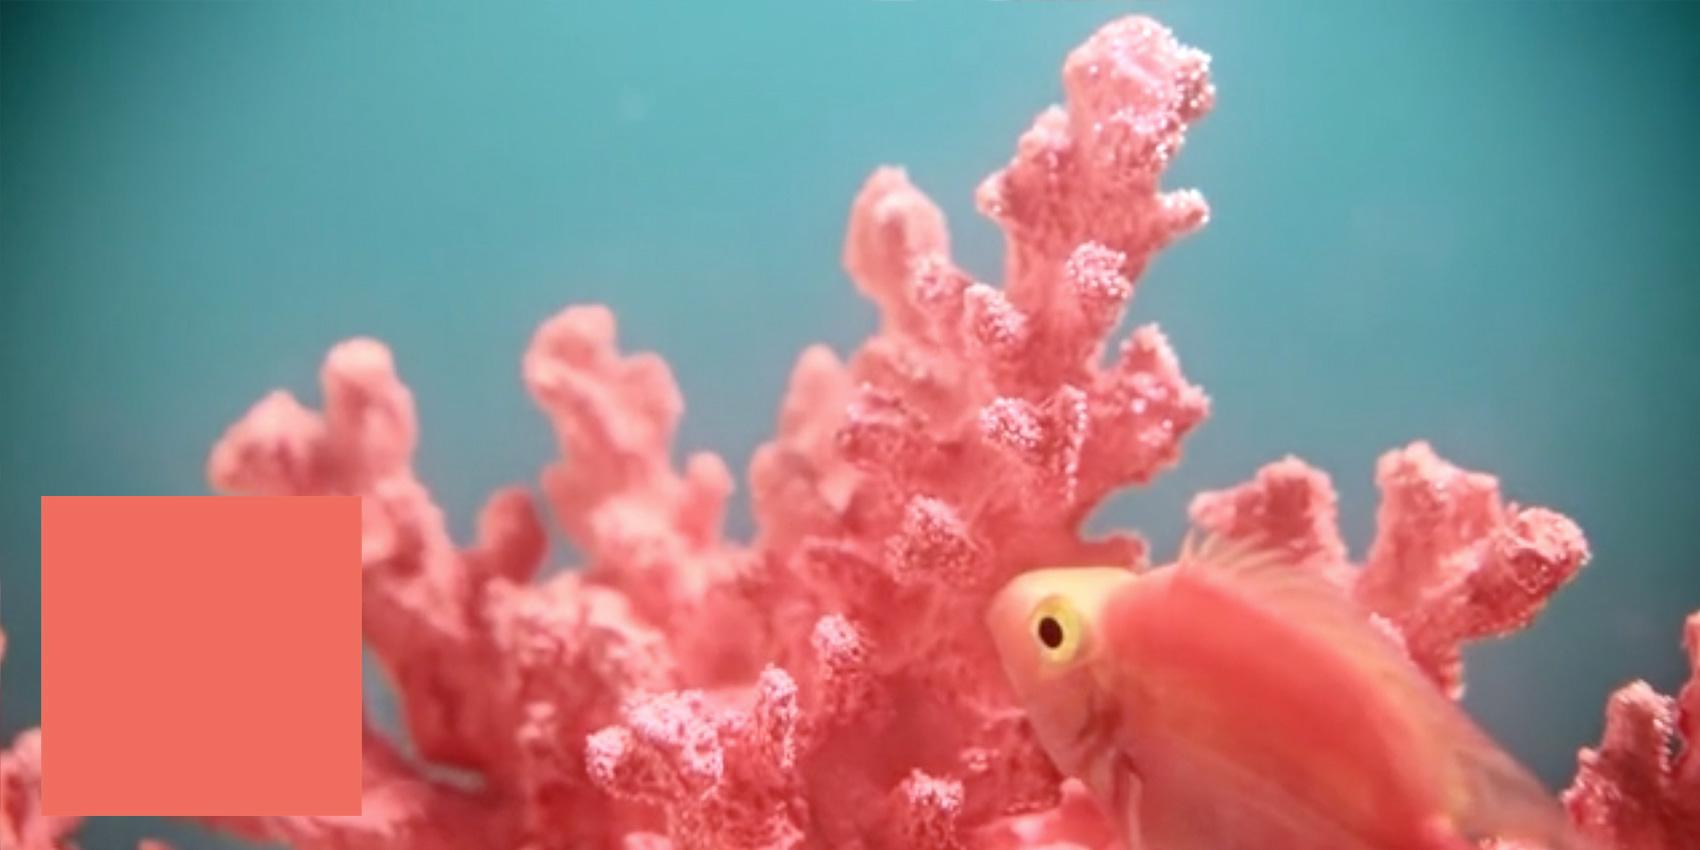 Het echte verhaal achter kleurrijk koraal-[tag] 4|Het echte verhaal achter kleurrijk koraal-[tag]|Het echte verhaal achter kleurrijk koraal-[tag] 1|Het echte verhaal achter kleurrijk koraal-[tag] 2|Het echte verhaal achter kleurrijk koraal-[tag] 3